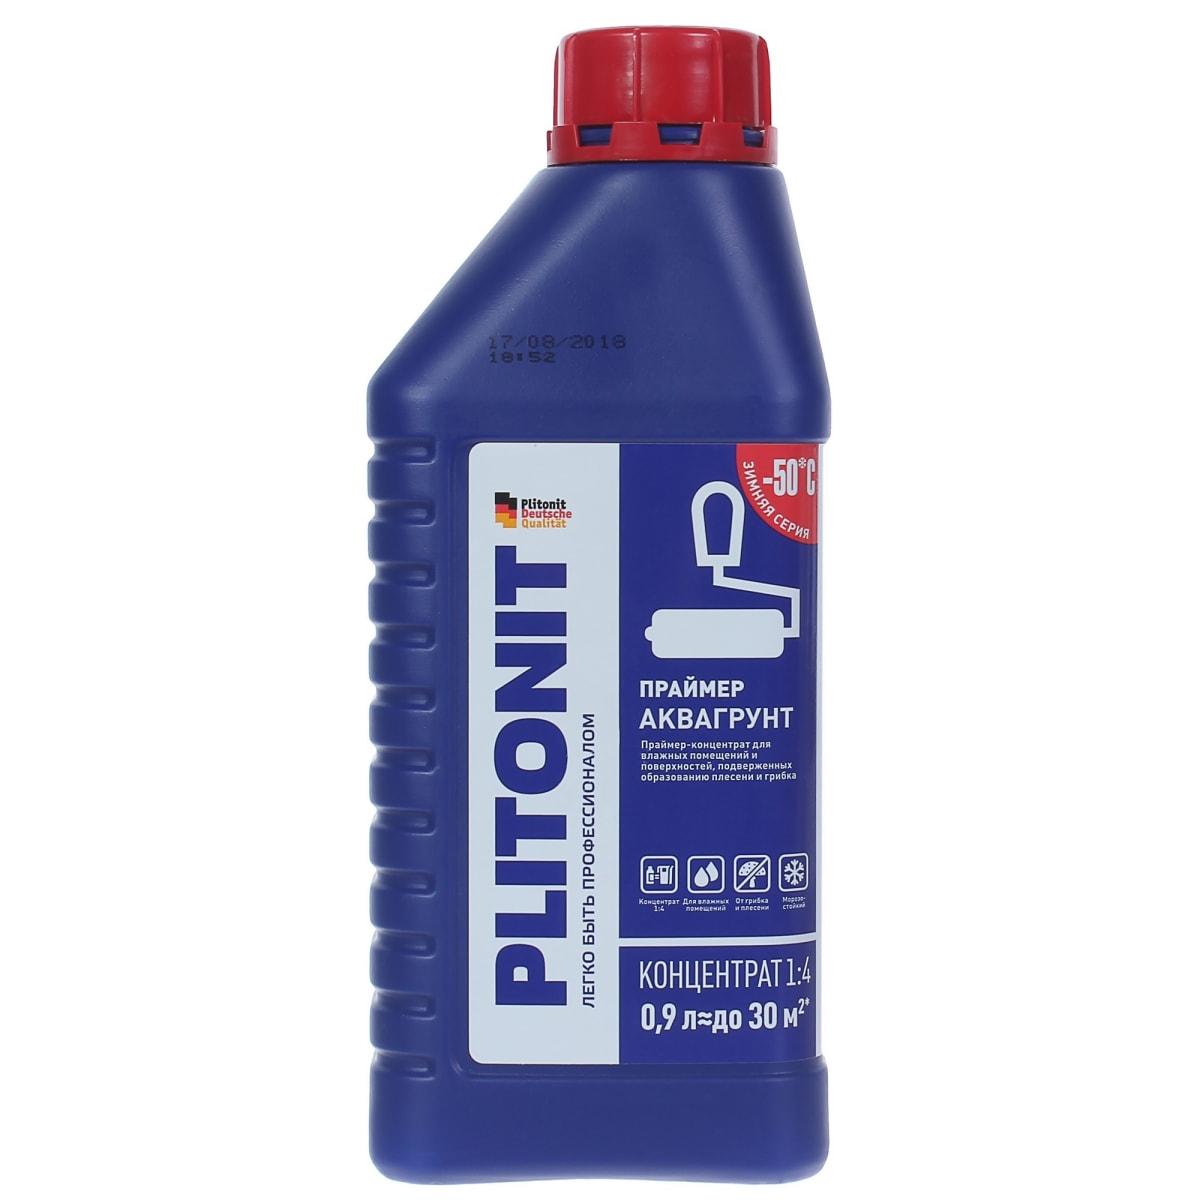 Грунтовка для влажных помещений Plitonit АкваГрунт, 0.9 л